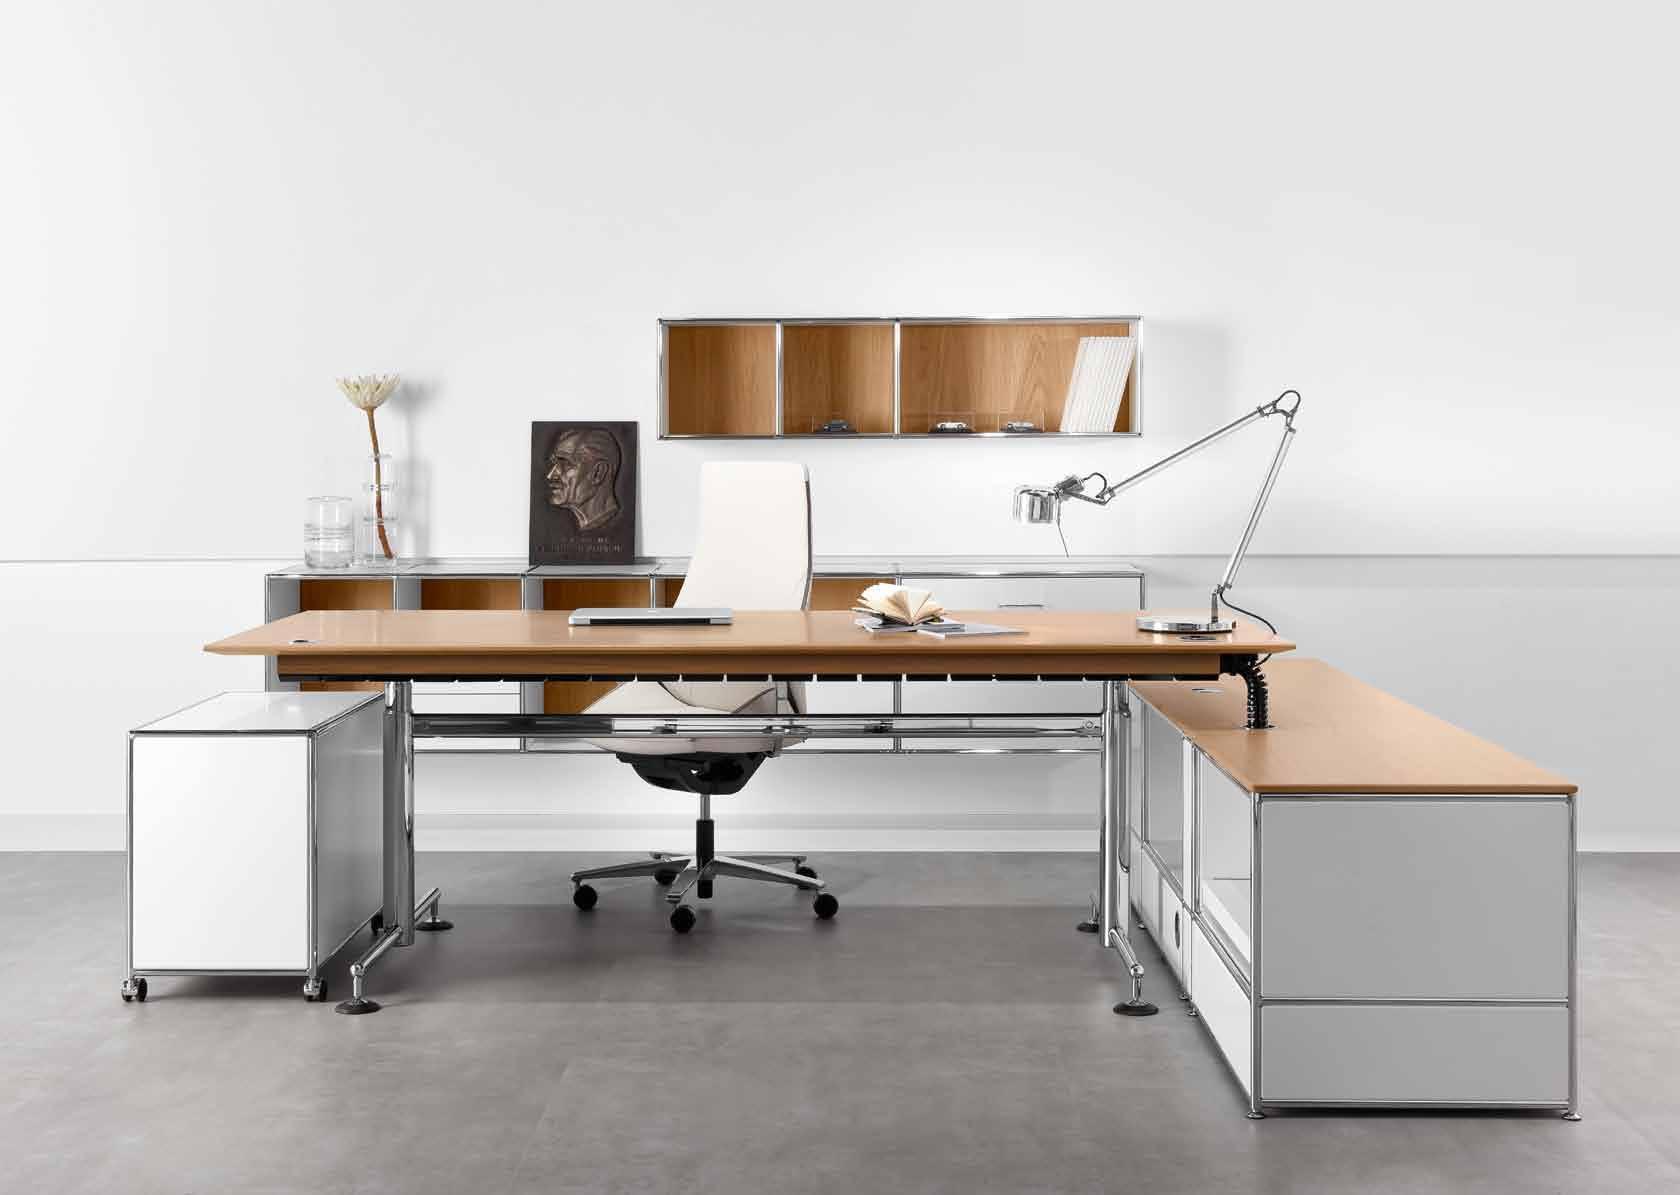 Büromöbel preiswert und schnell - Bosse MANAGEMENT